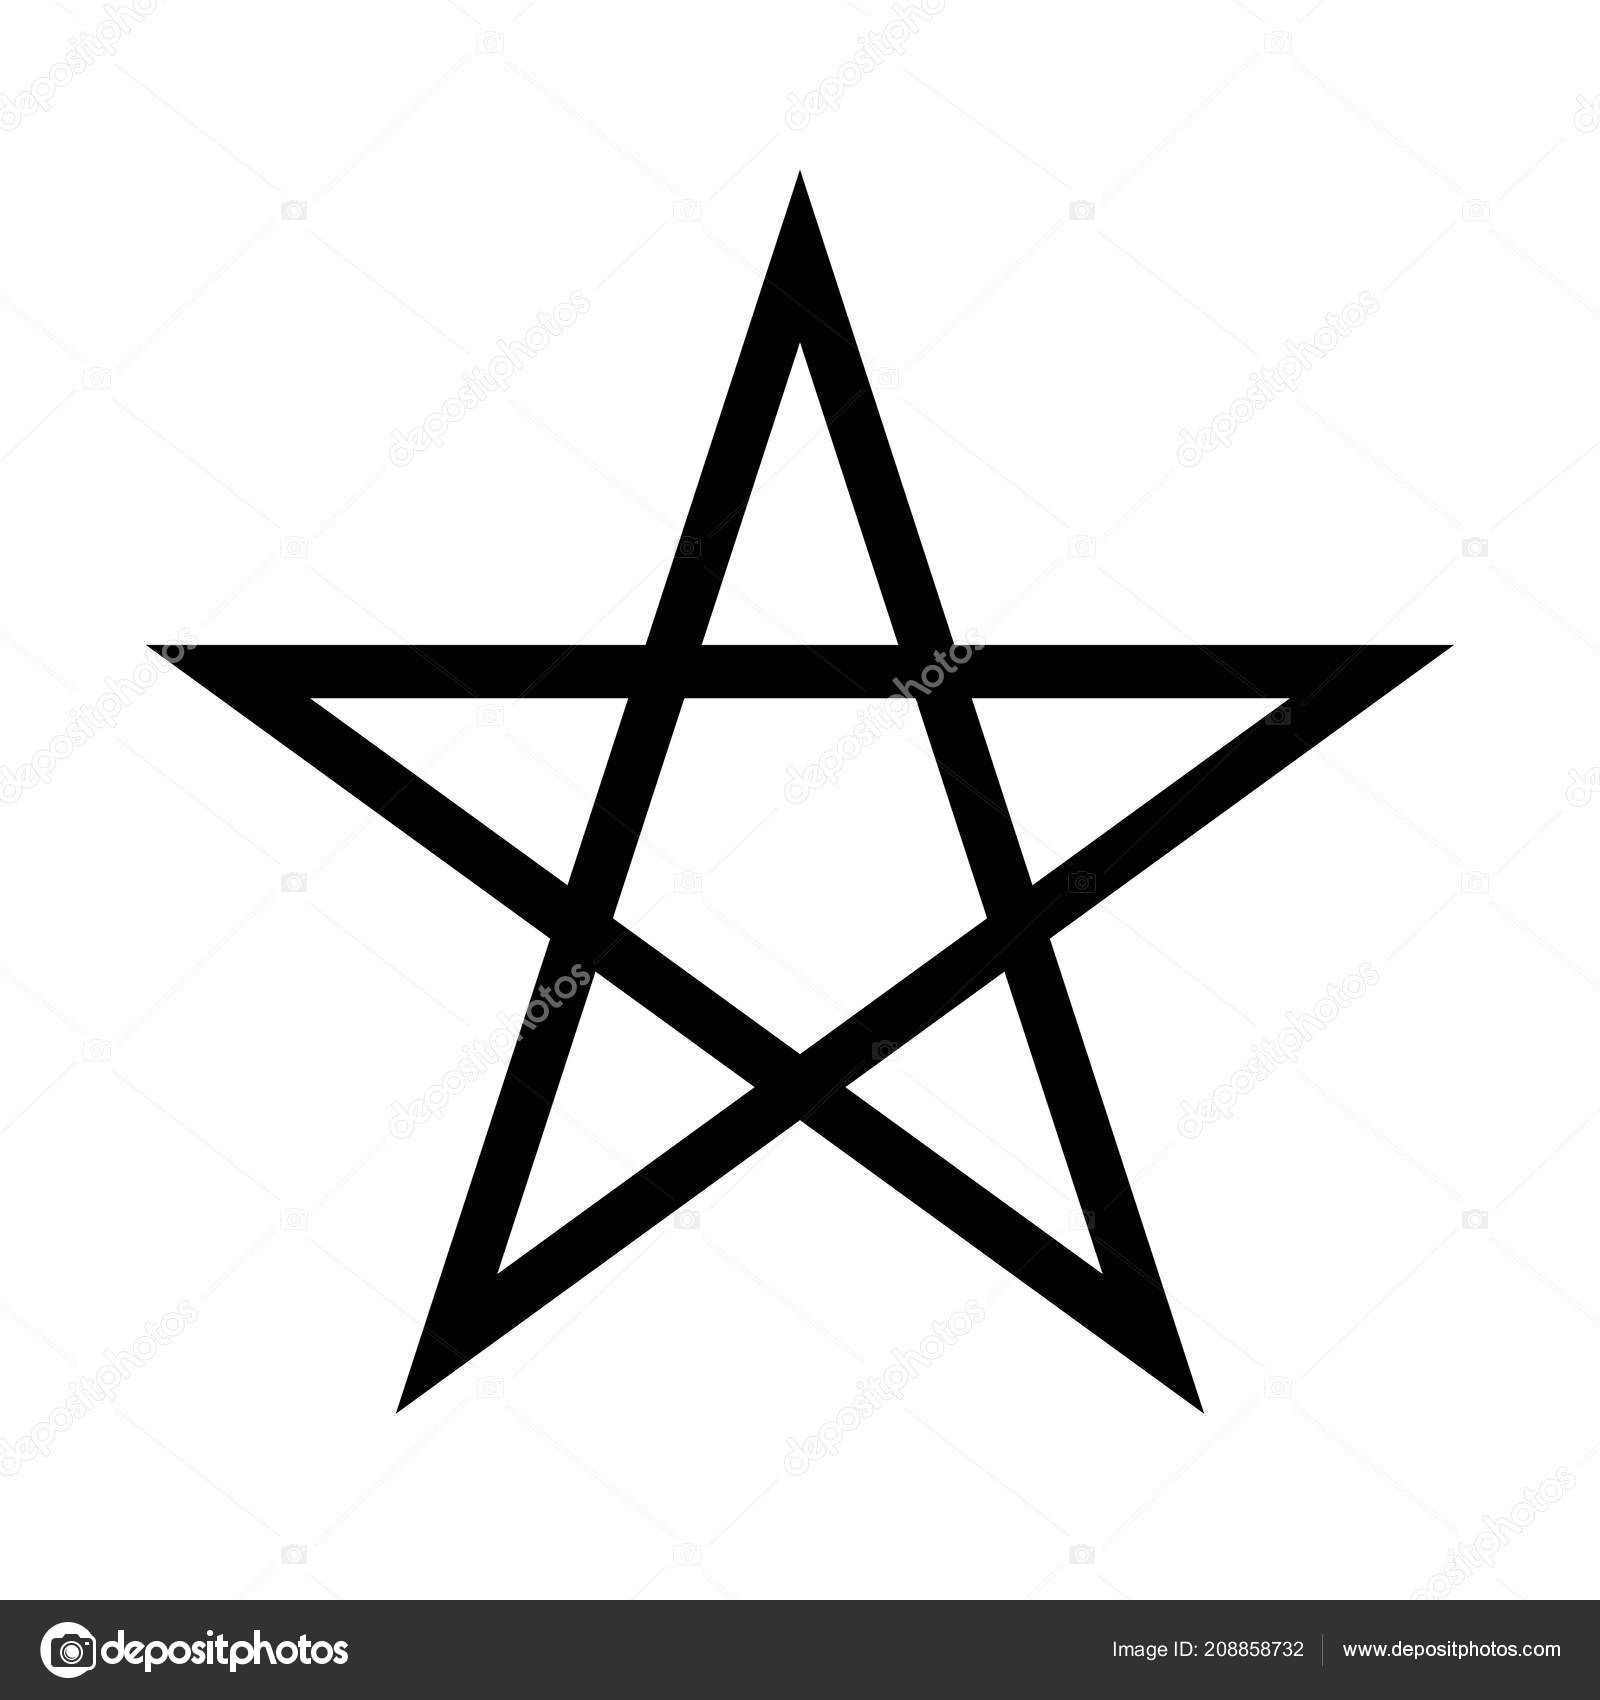 если на картинке пятиконечная звезда